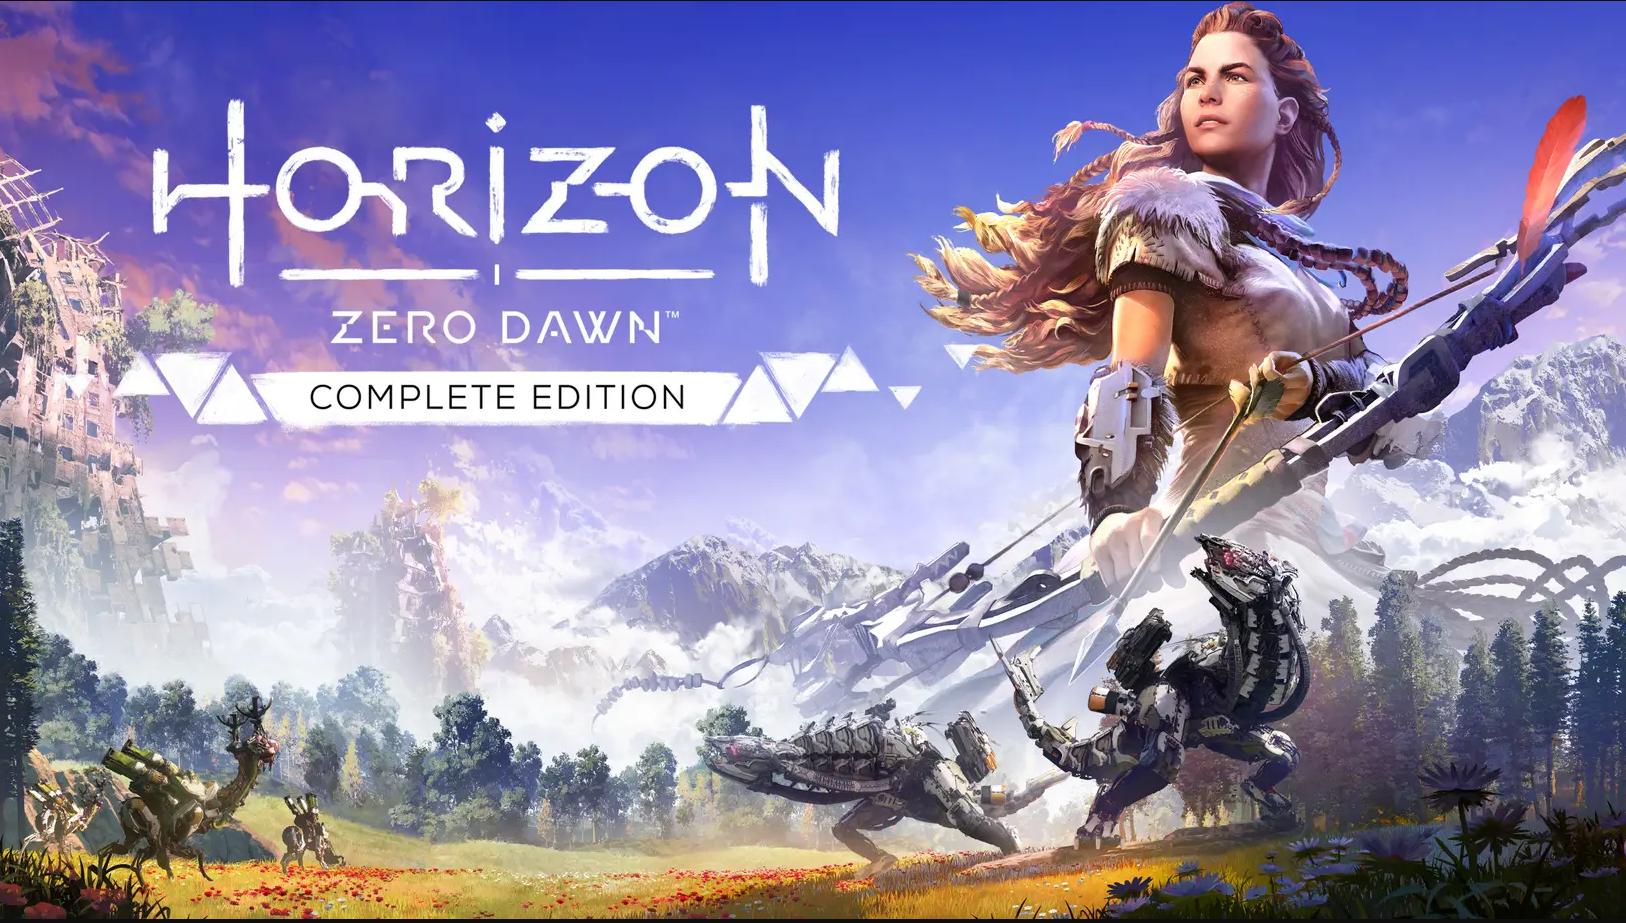 Проблемная PC-версия Horizon: Zero Dawn получила первый патч, но впереди ещё много работы